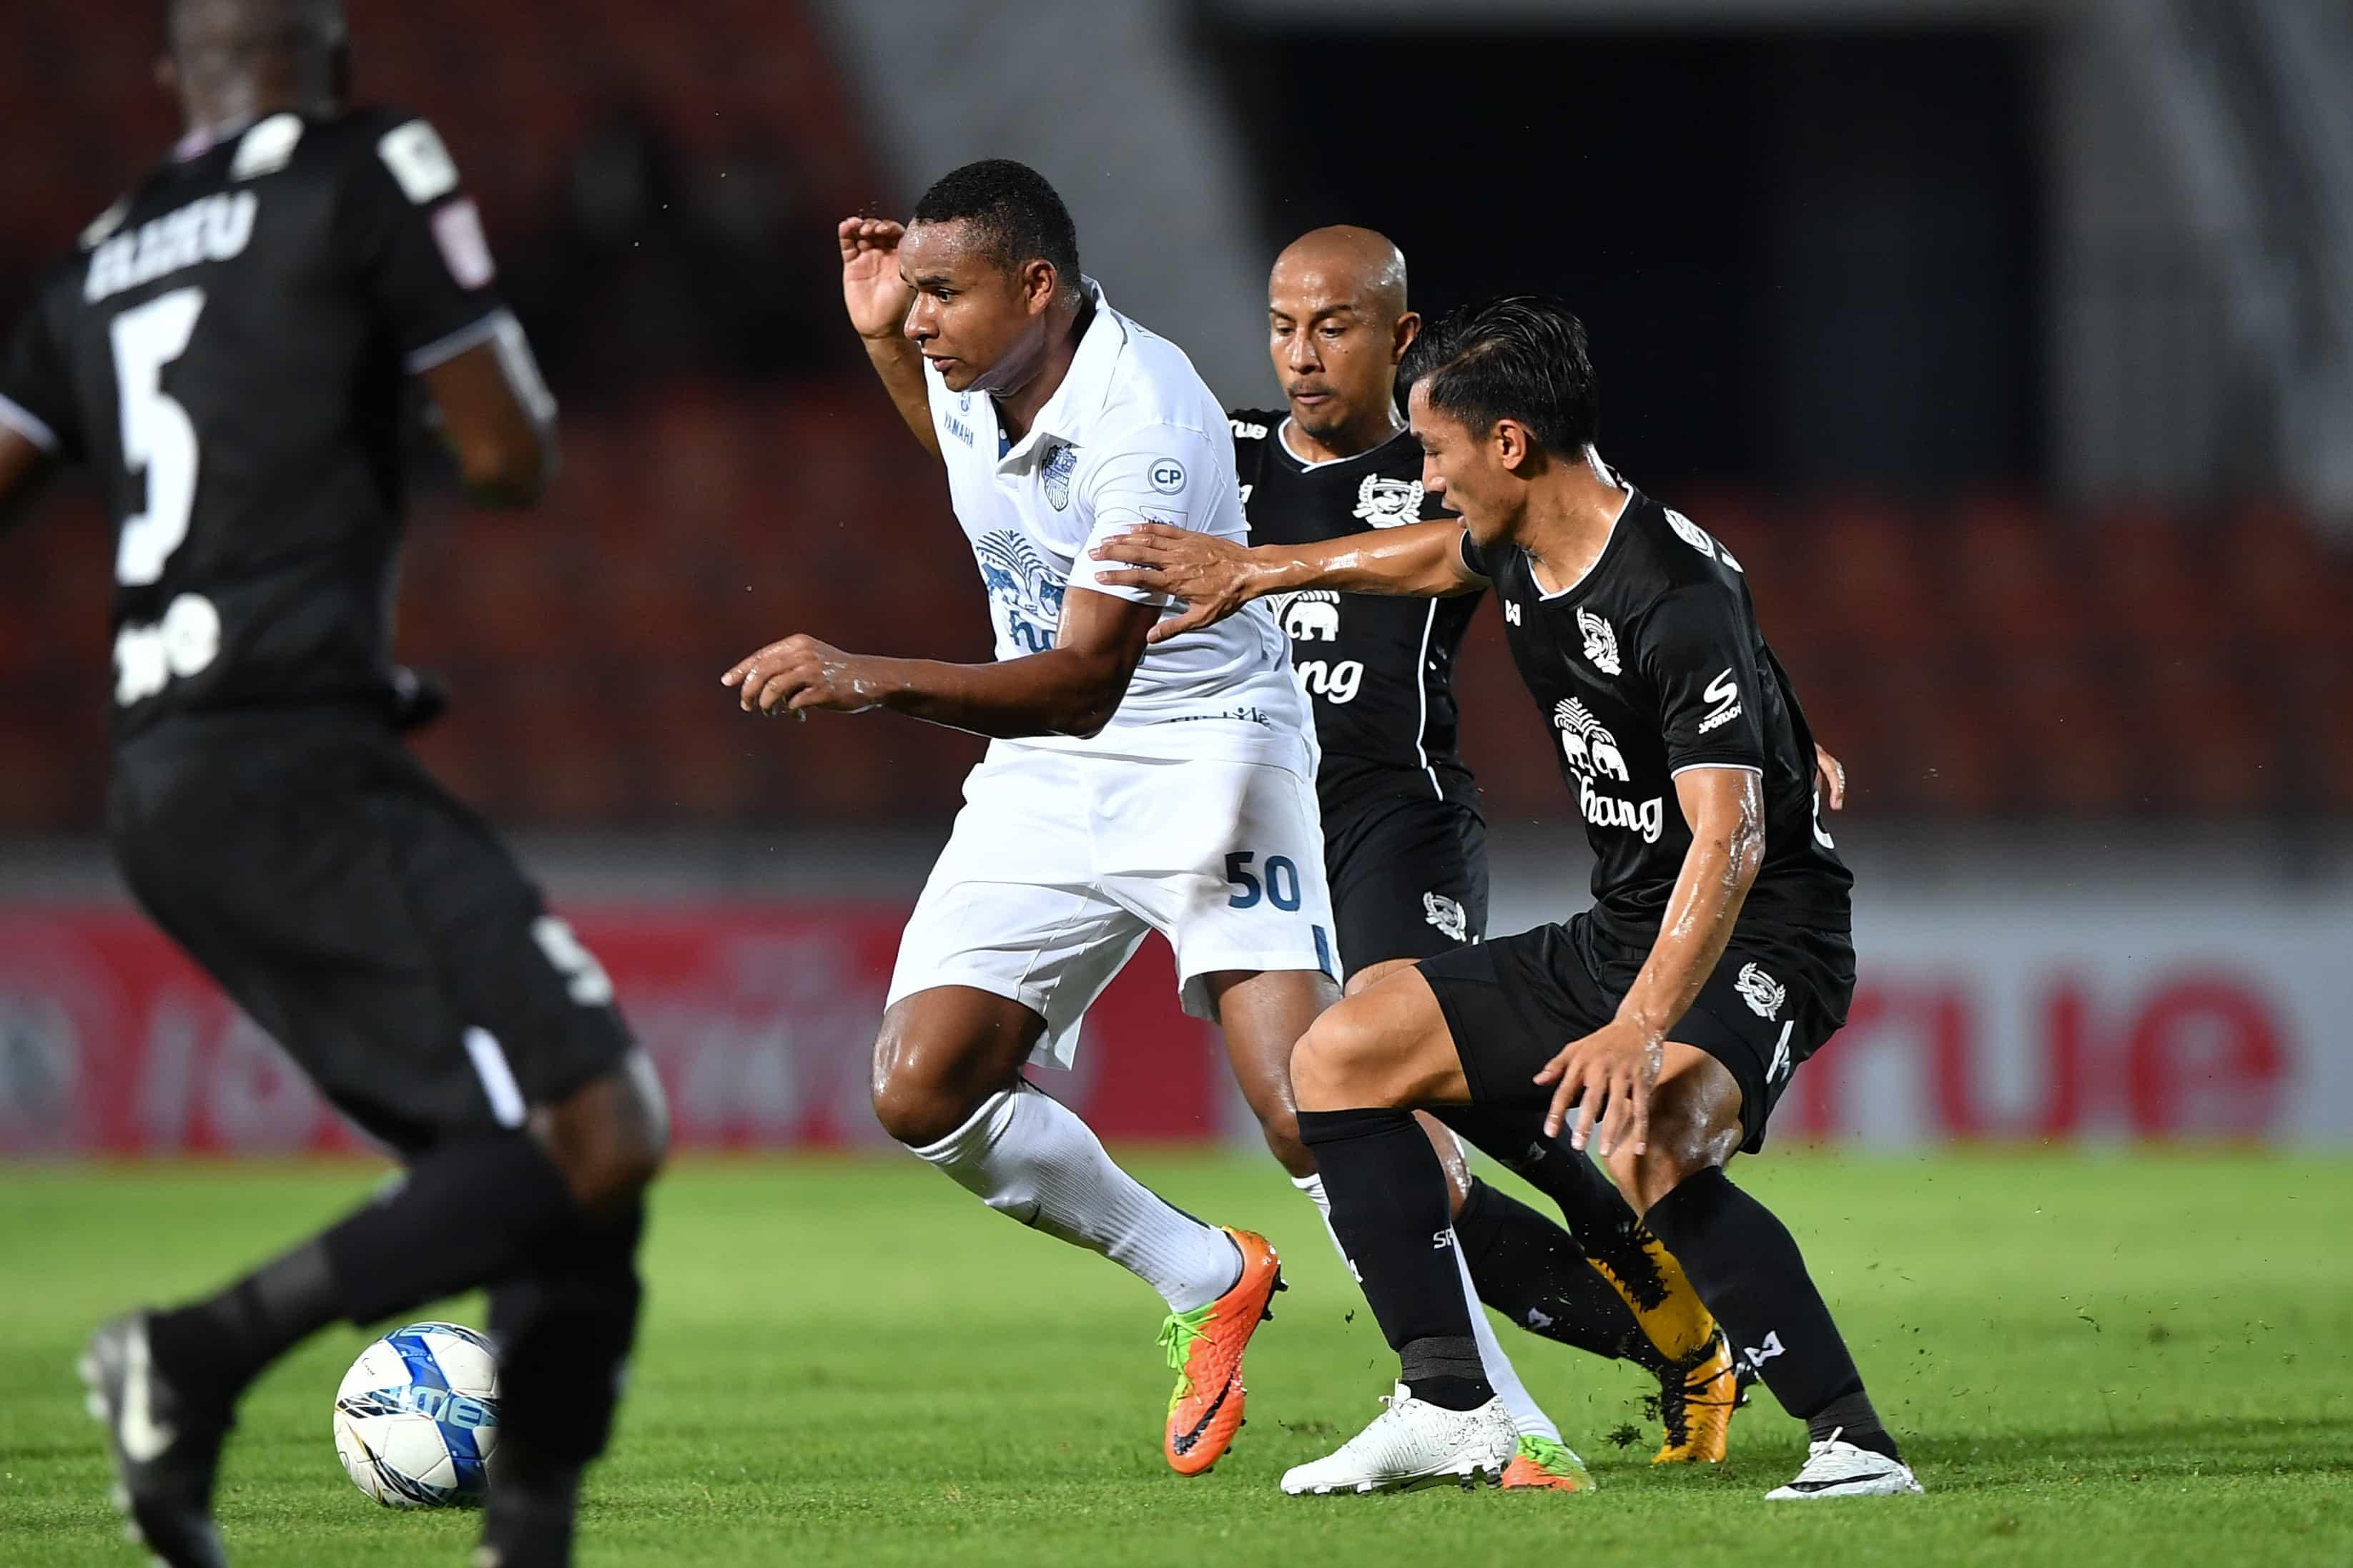 บุรีรัมย์อัดสุพรรณบุรี1-0ขอเดียวเเต้มถึงเเชมป์ไทยลีก